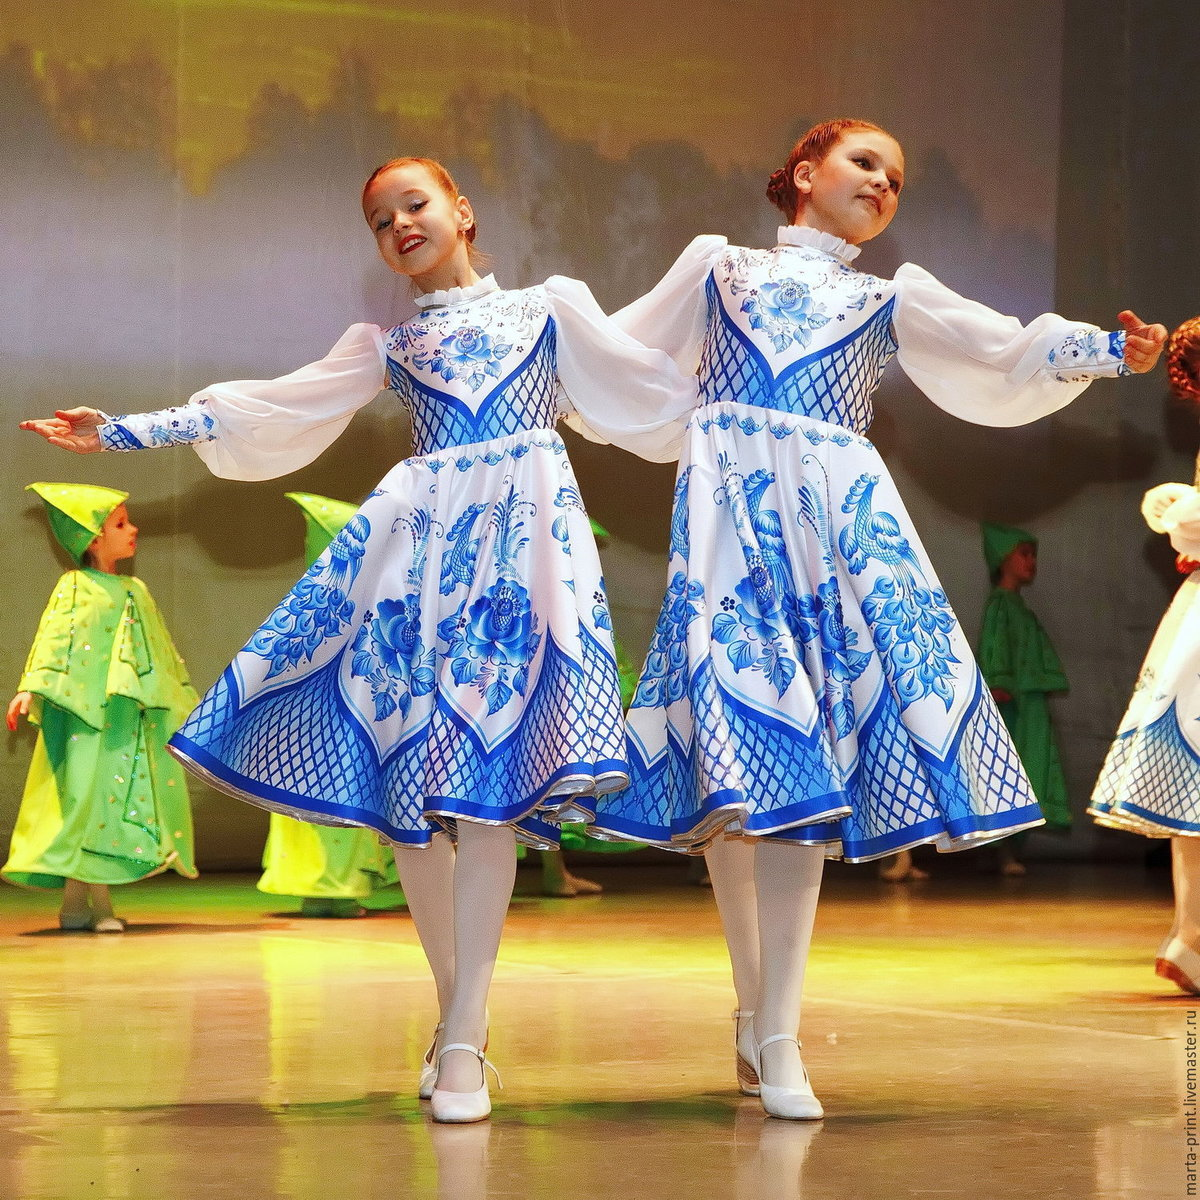 Русский народный костюм для танца картинки